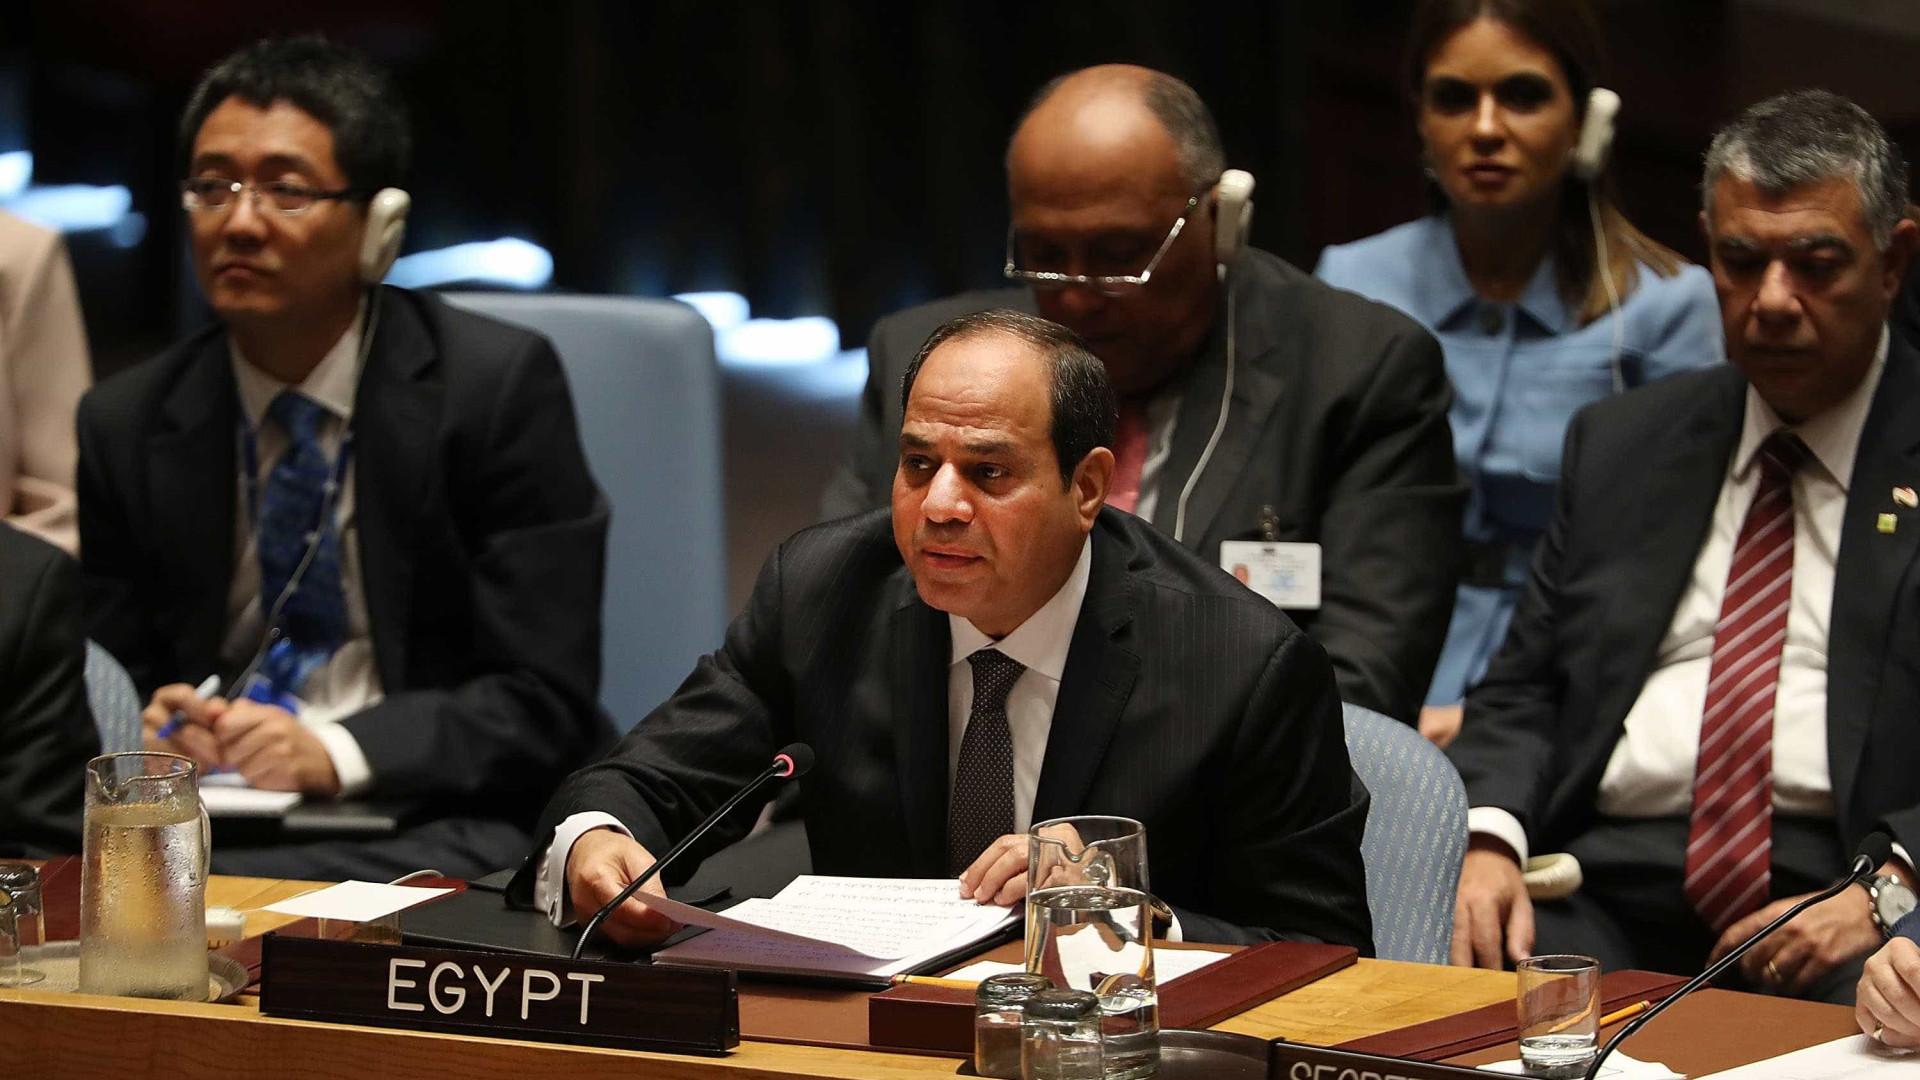 Egito está 'muito preocupado' e exige provas do uso de armas químicas